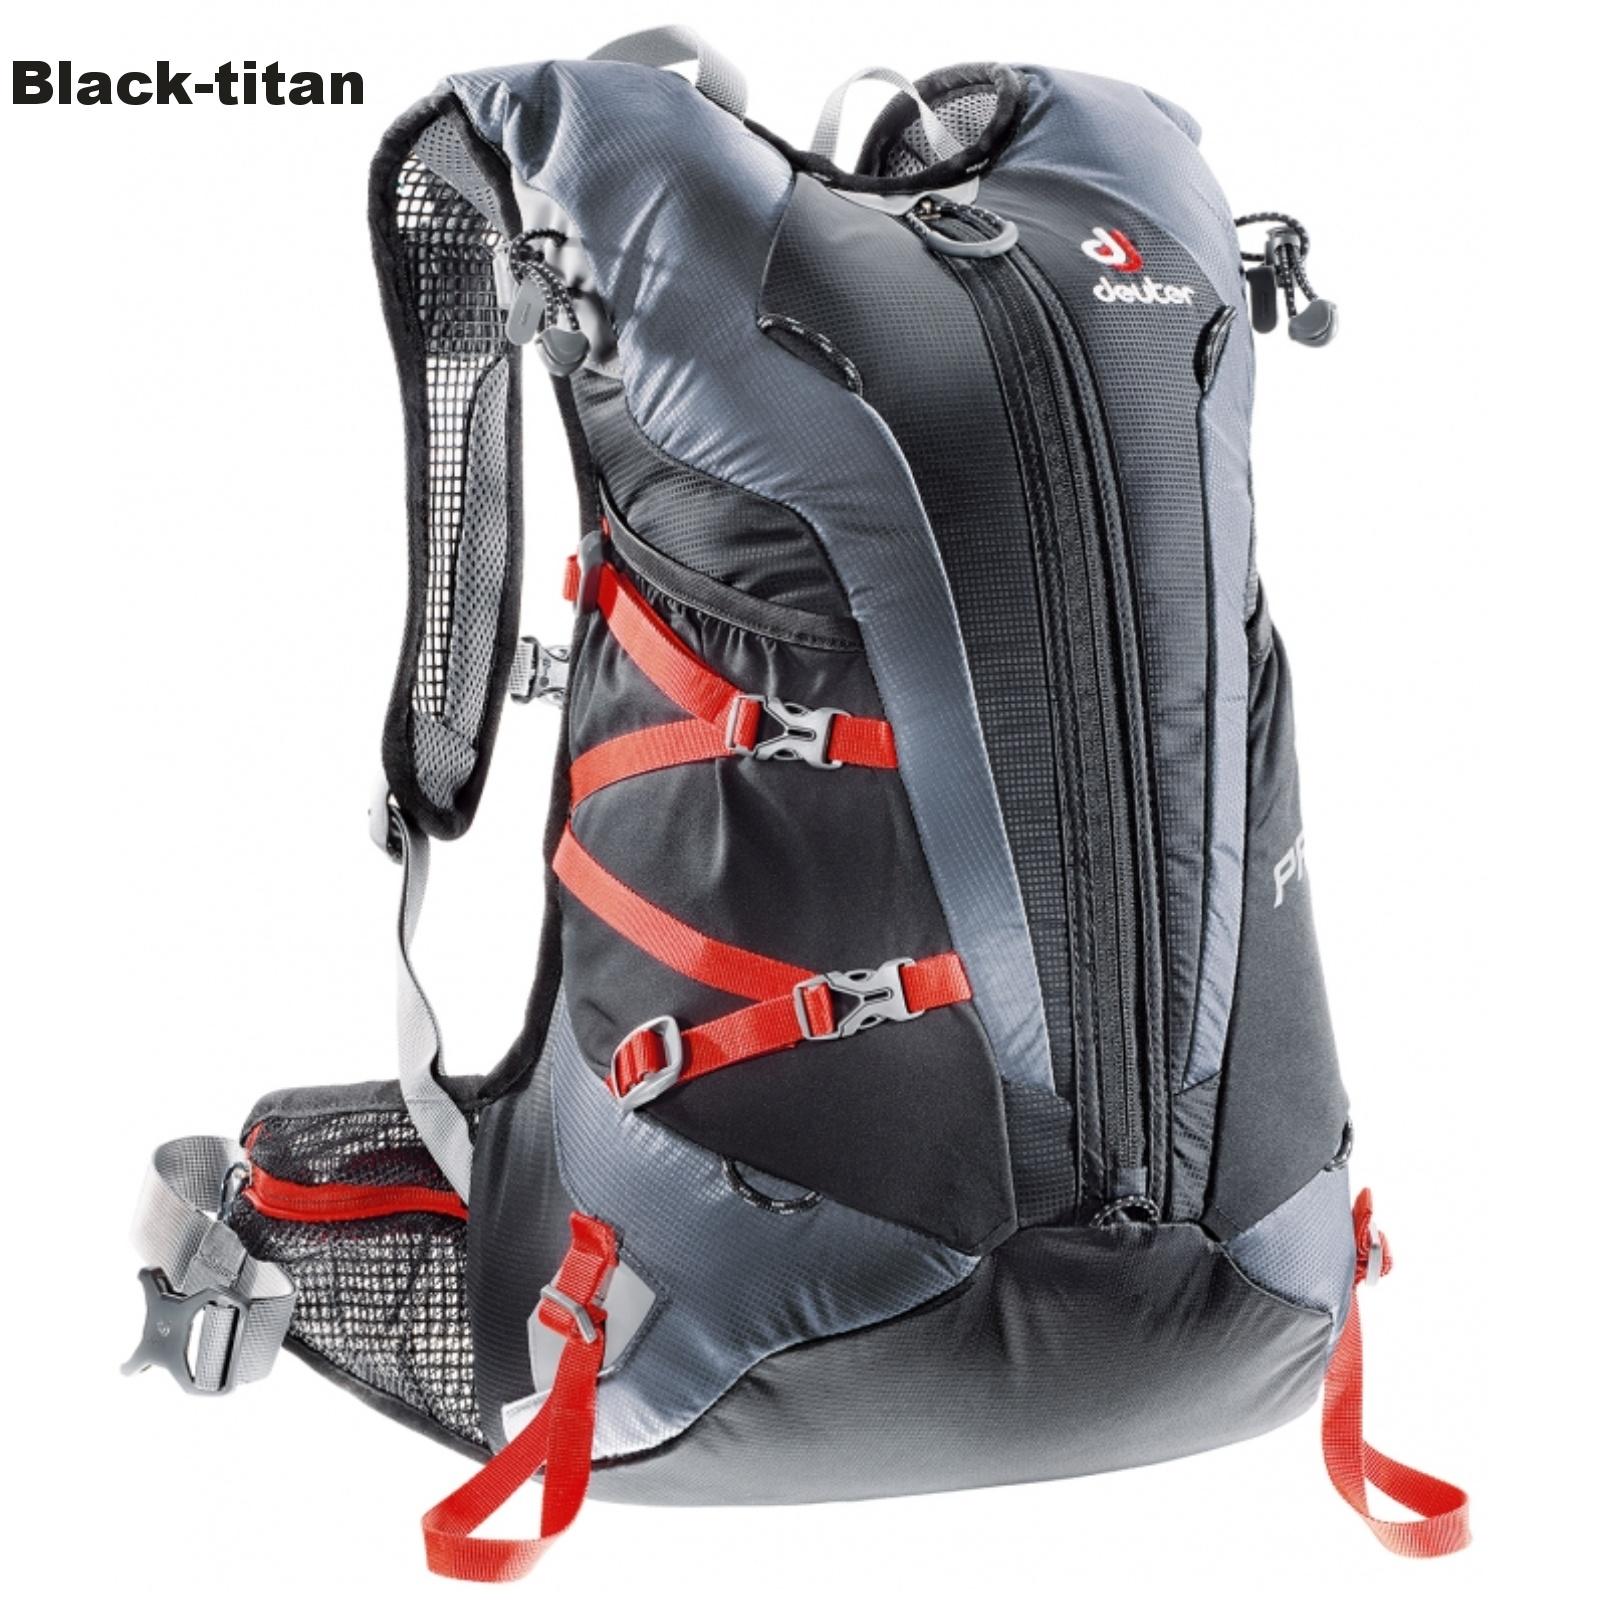 Batoh DEUTER Pace 20 l - black-titan